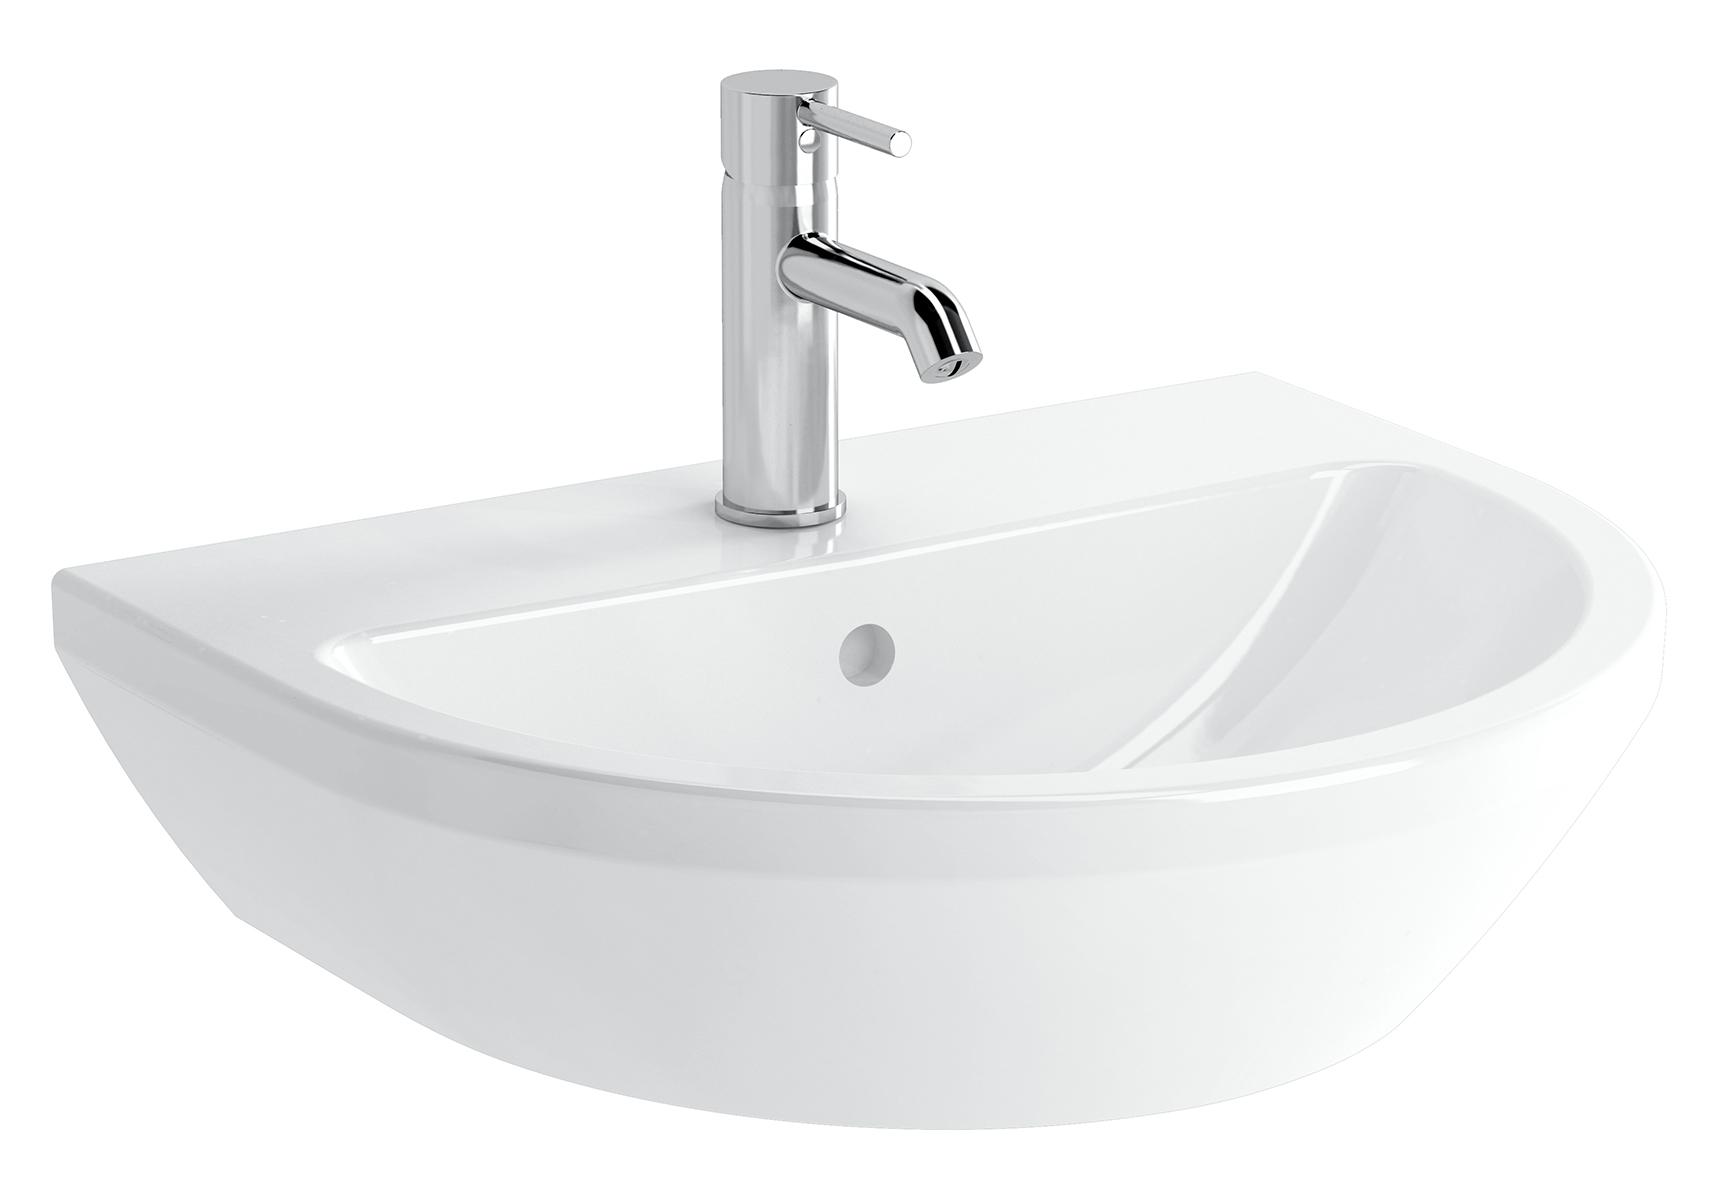 Integra lavabo rond, 55 cm, avec trou de robinet, avec trop-plein